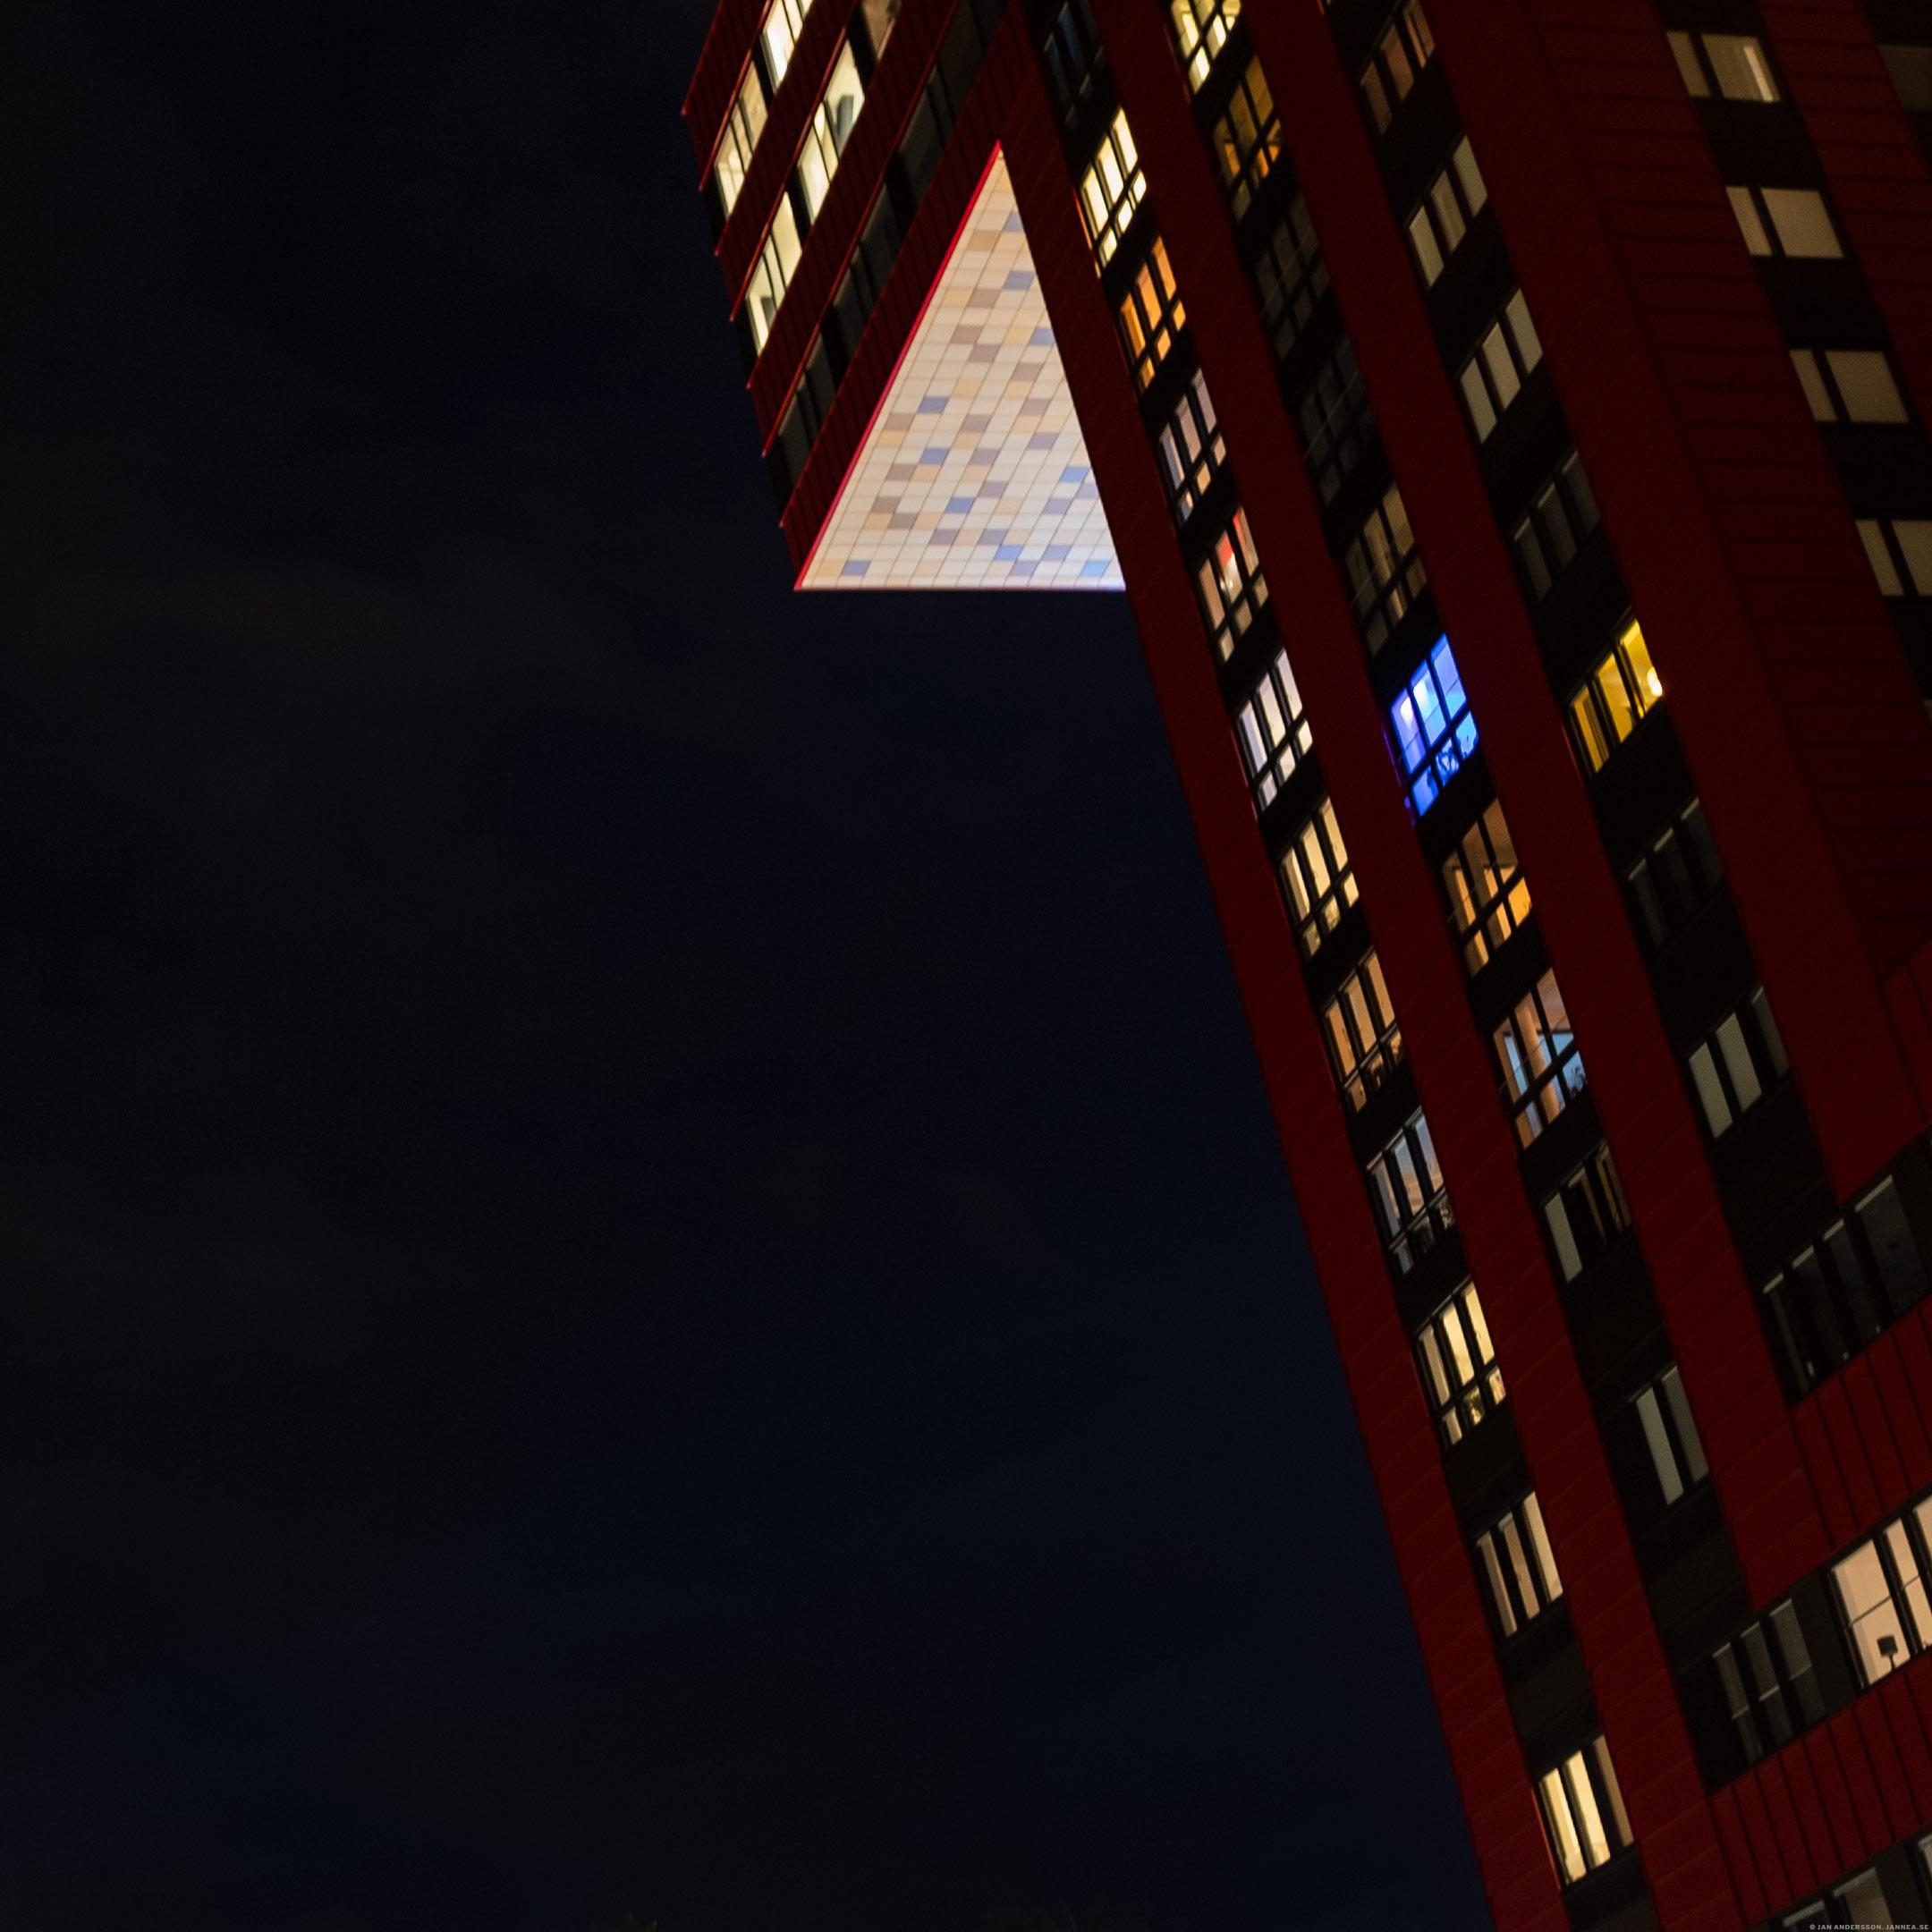 Mörker och en massa fönster |© Jan Andersson